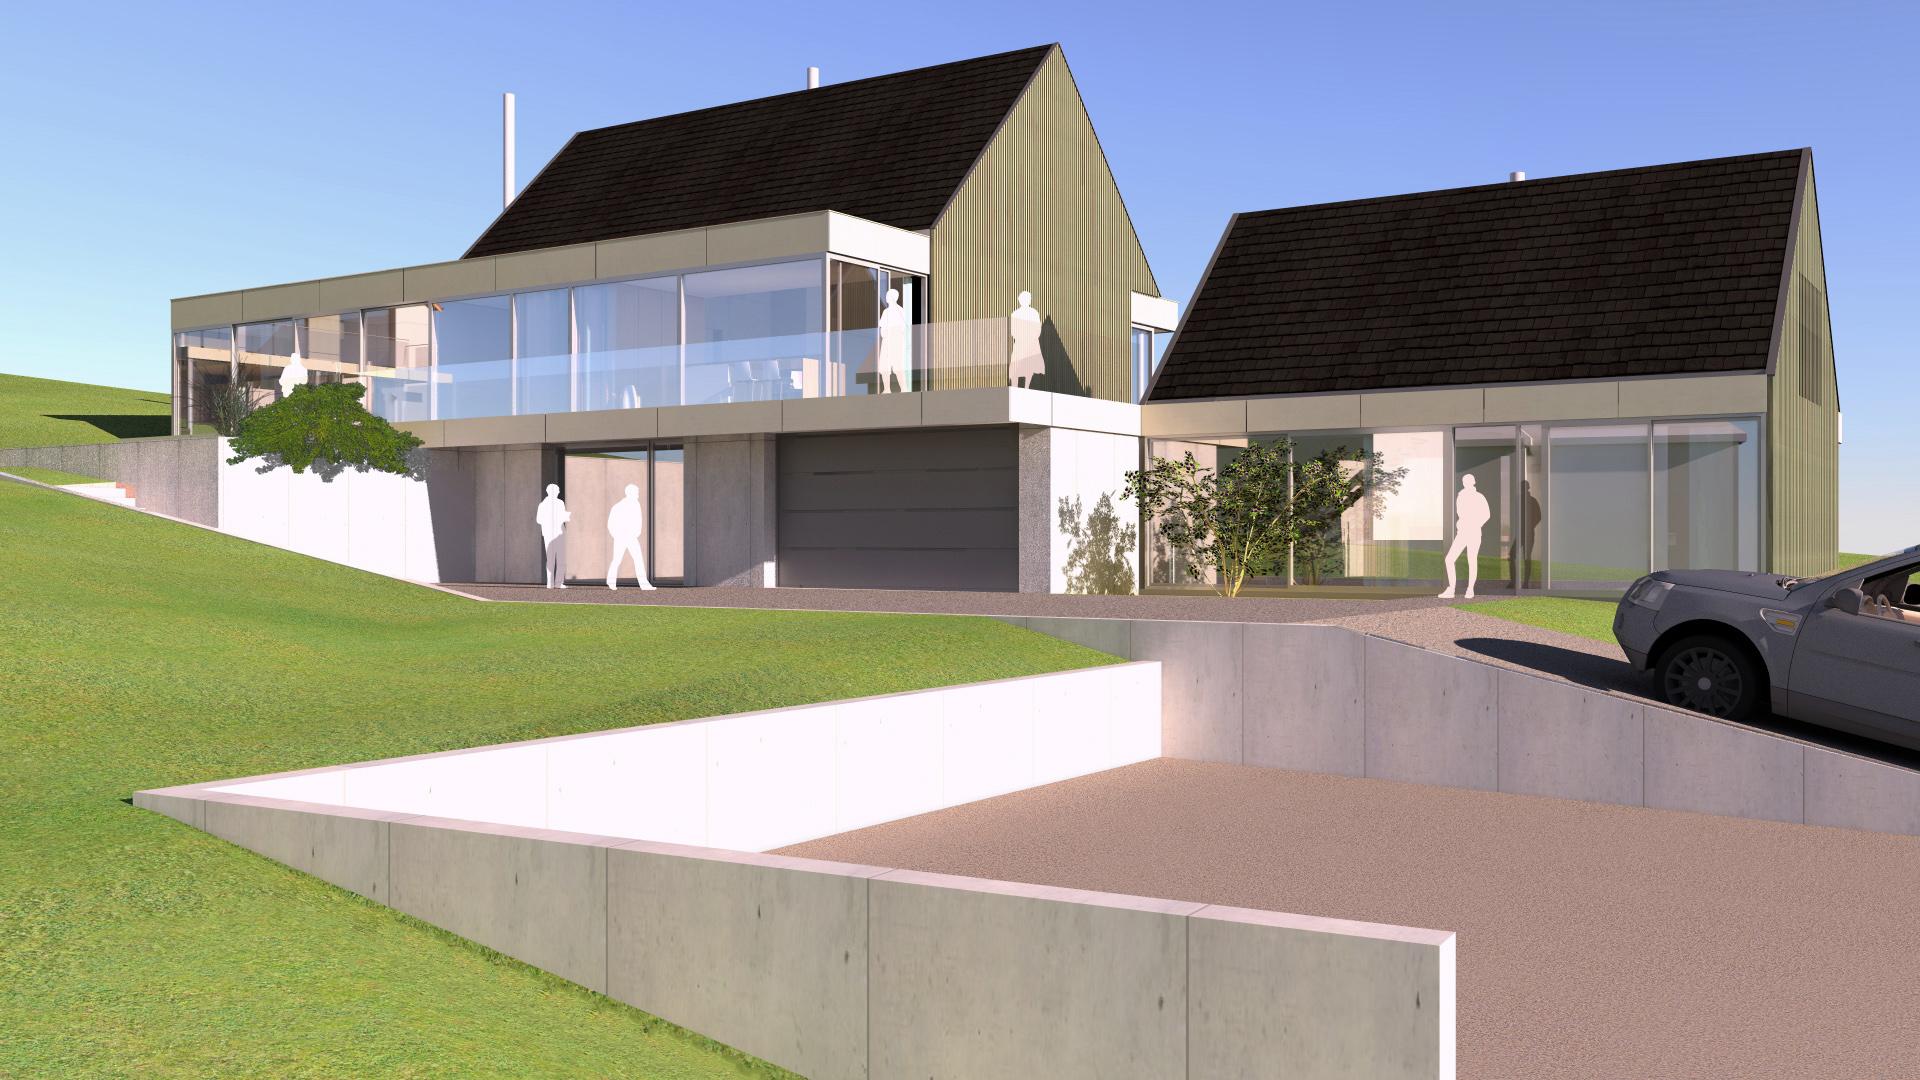 projet ketplus maison saint pierre